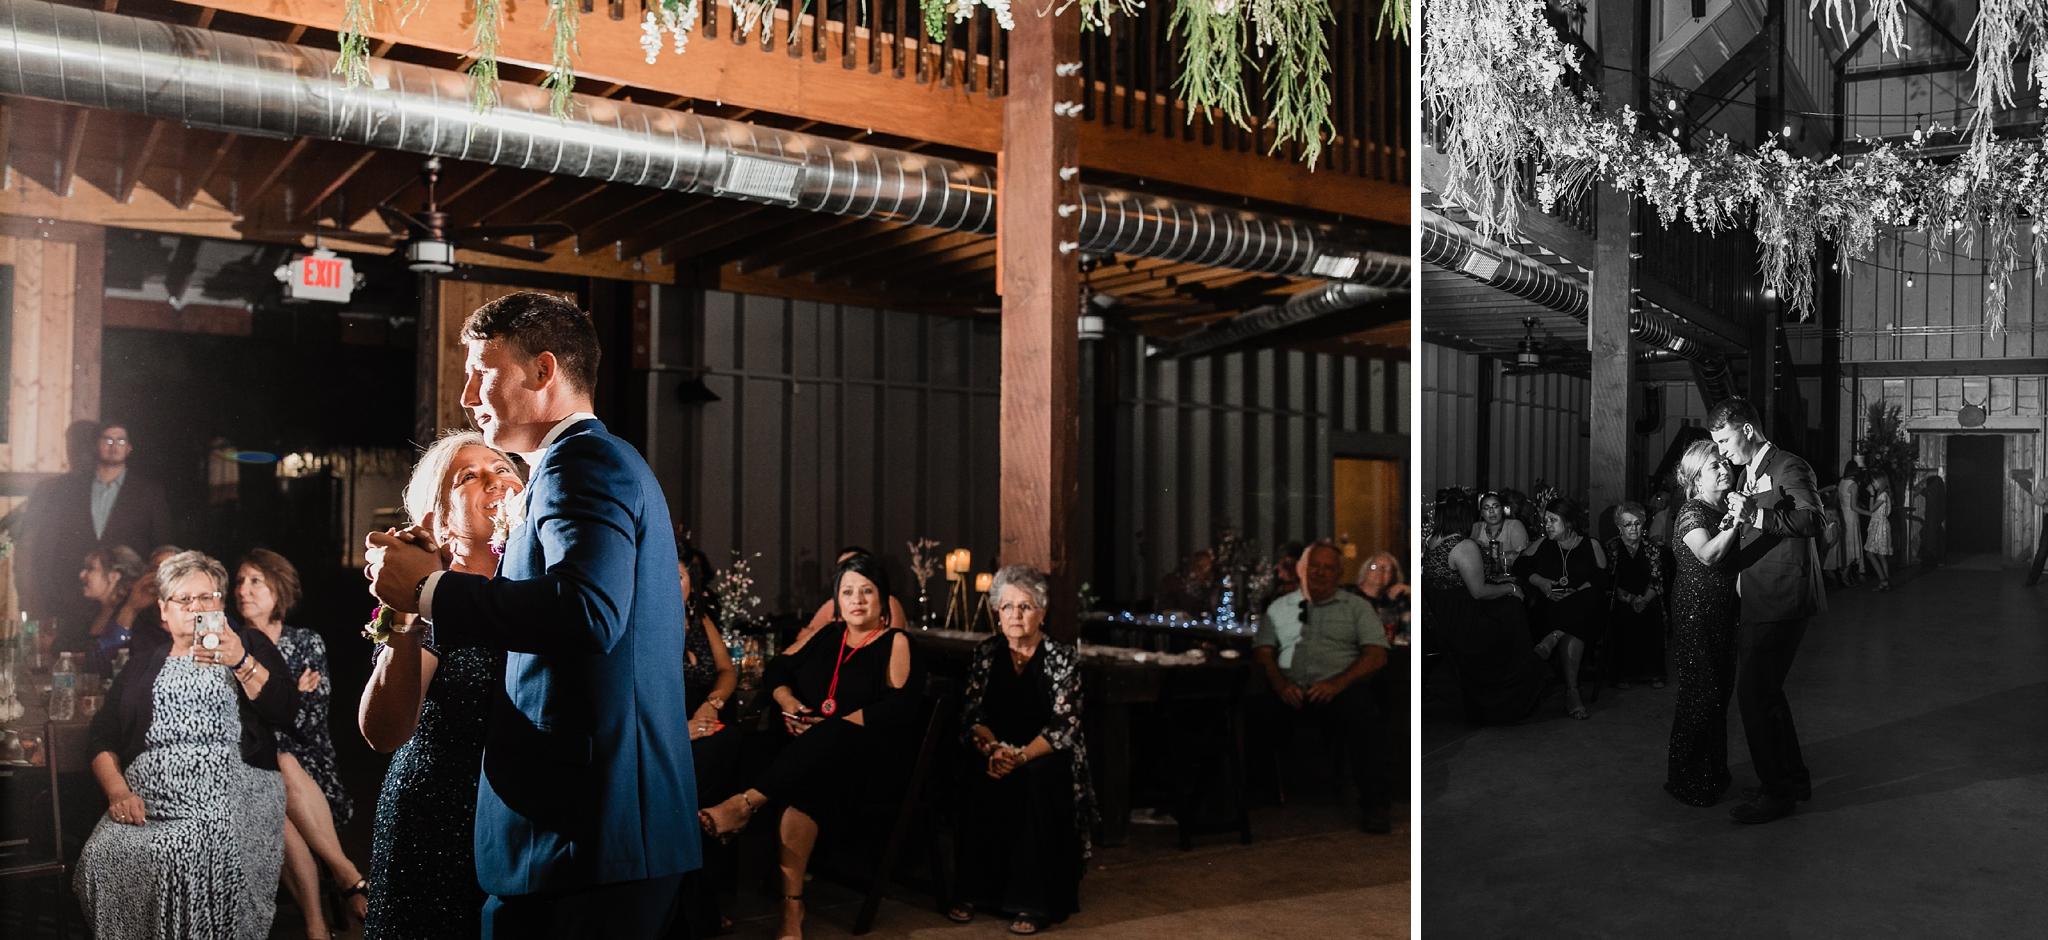 Alicia+lucia+photography+-+albuquerque+wedding+photographer+-+santa+fe+wedding+photography+-+new+mexico+wedding+photographer+-+new+mexico+wedding+-+new+mexico+wedding+-+barn+wedding+-+enchanted+vine+barn+wedding+-+ruidoso+wedding_0166.jpg